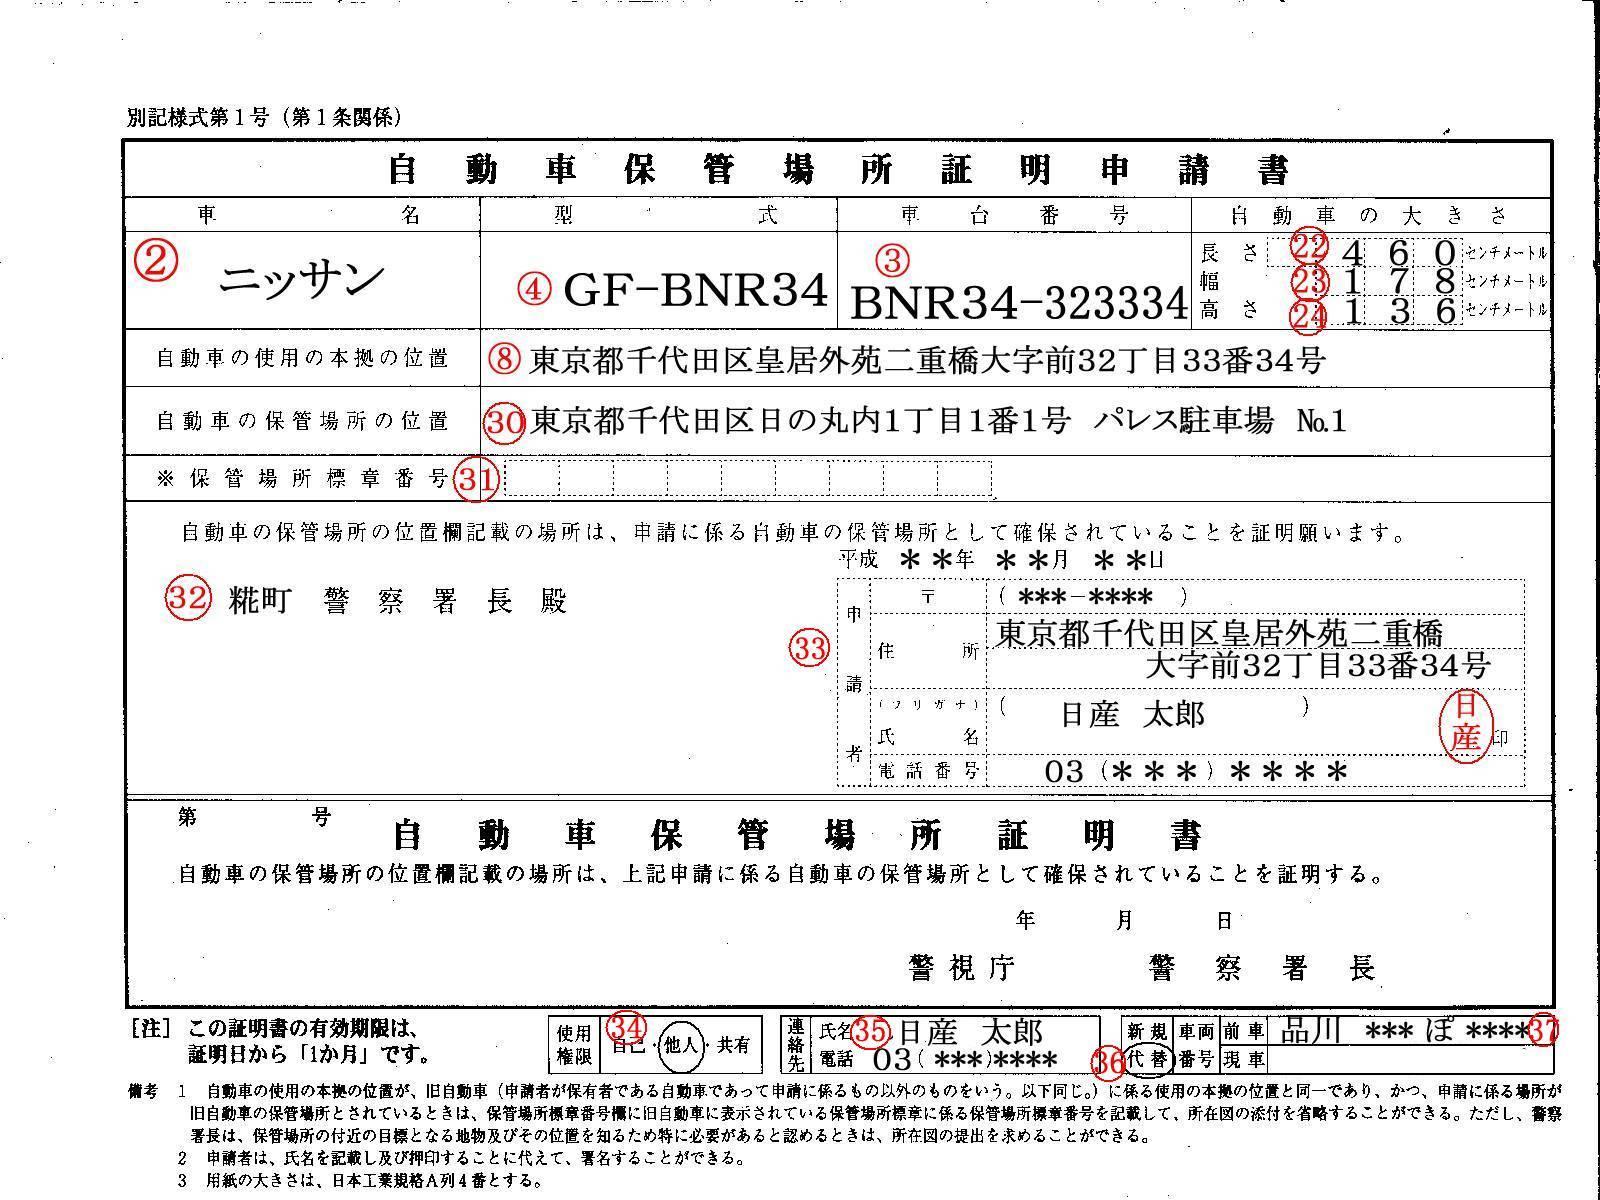 芦屋市/道路占用・改築の許可申請について